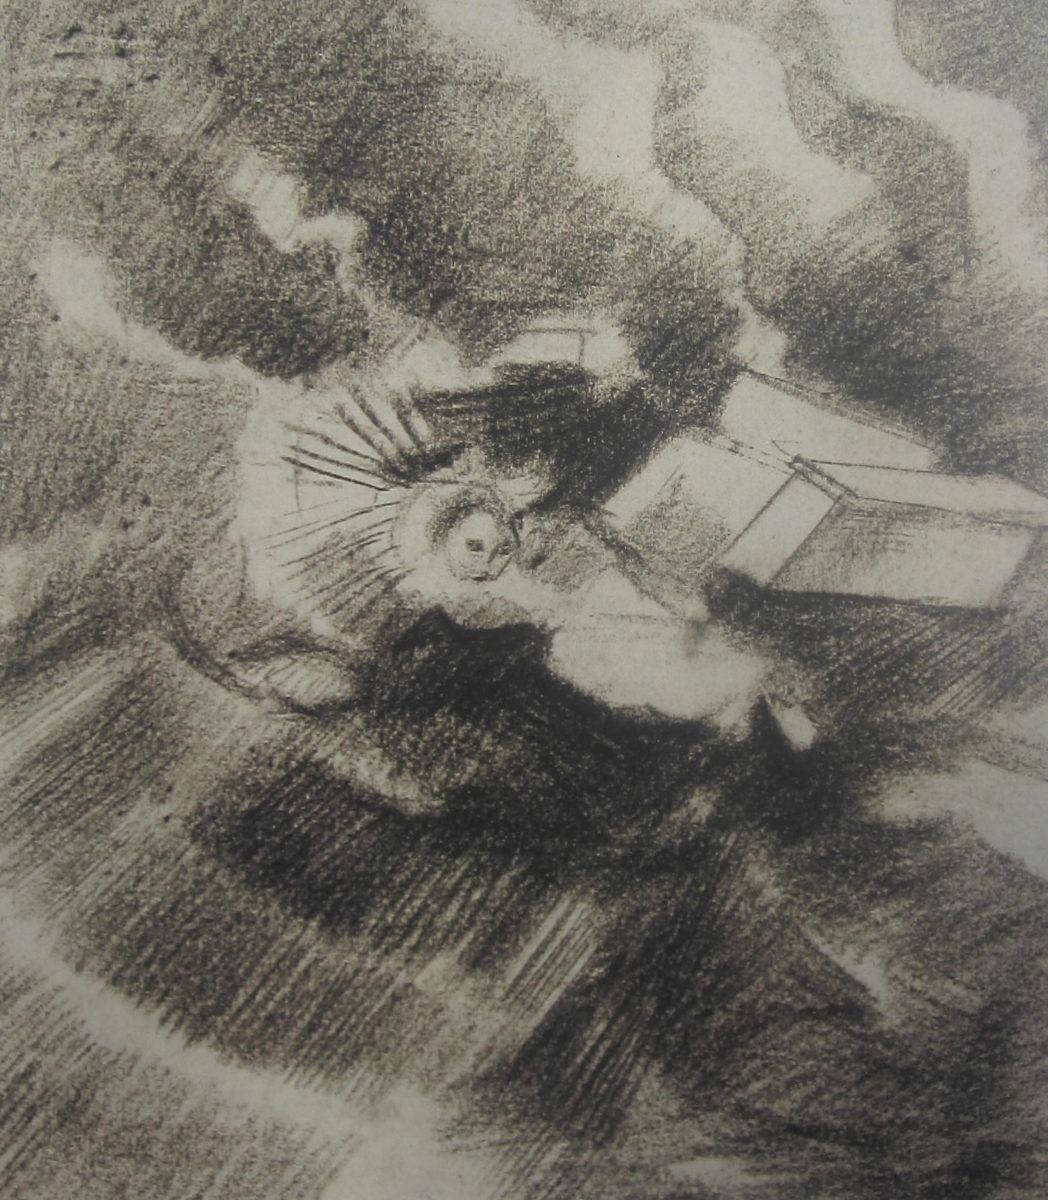 Онлайн-встреча с философом Евгением Титаренко цикла «Из комнаты в космос» – события на сайте «Московские Сезоны»